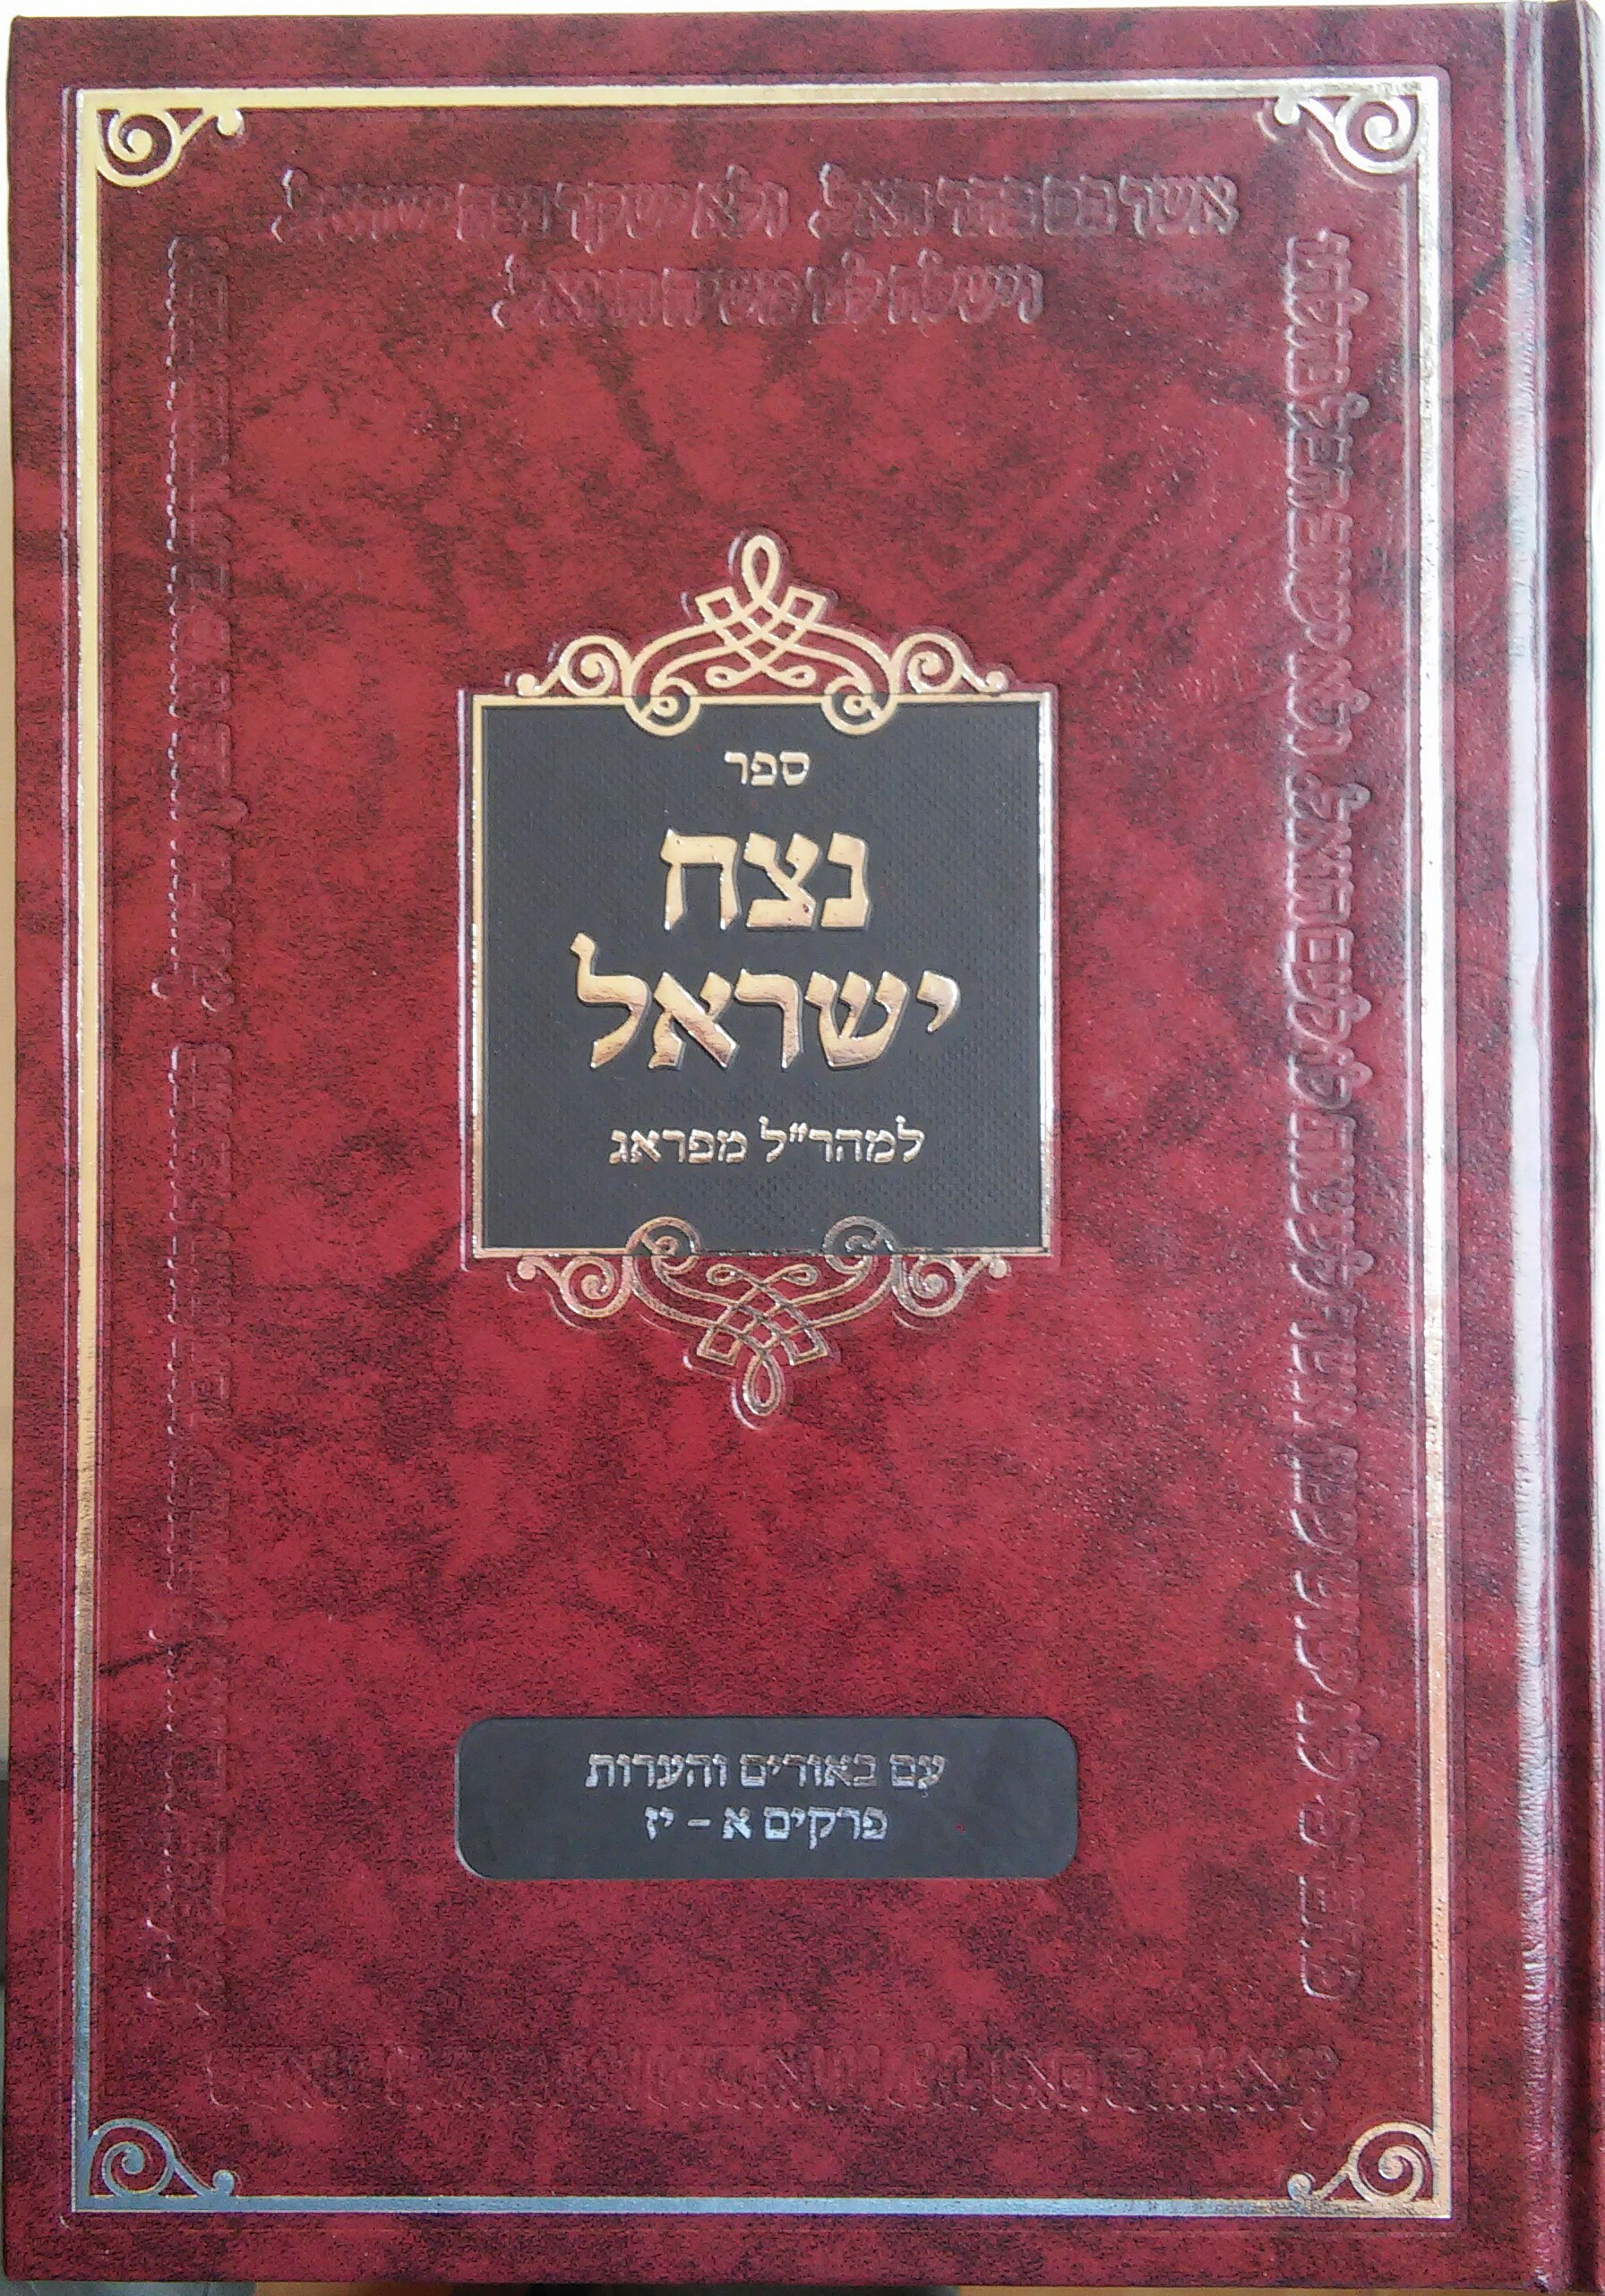 ספר נצח ישראל -אבי טילמן